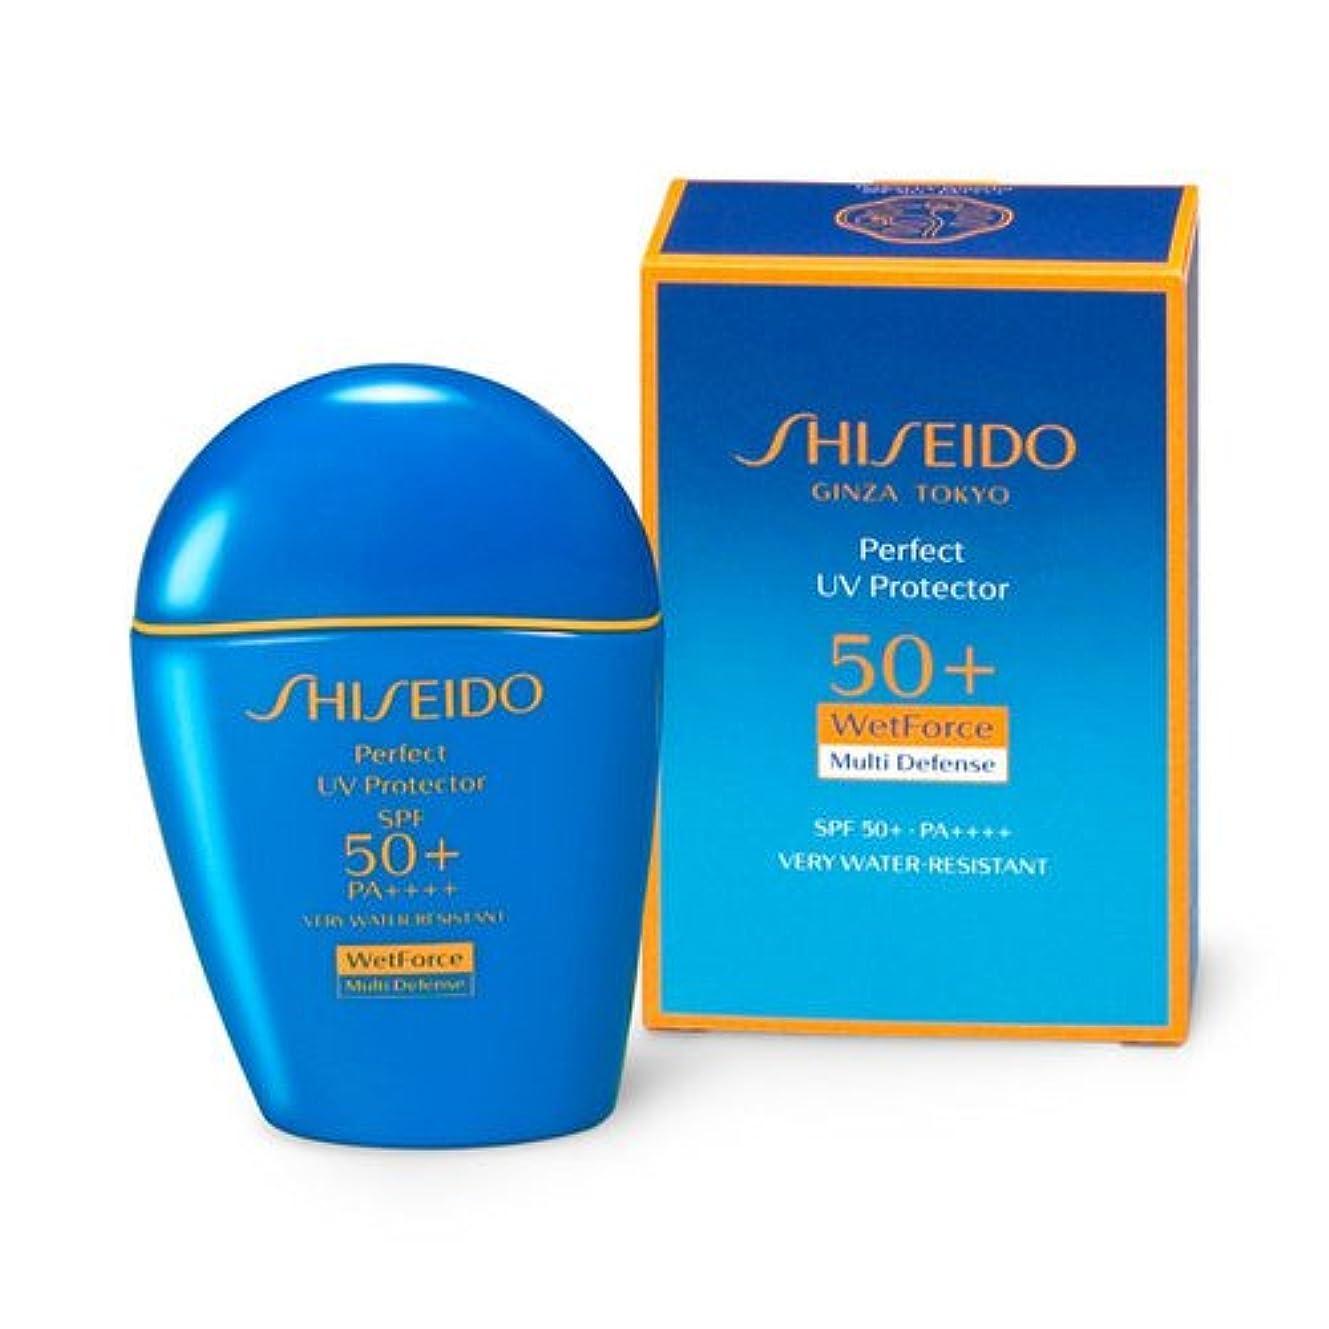 辞書機構ニンニクSHISEIDO Suncare(資生堂 サンケア) SHISEIDO(資生堂) パーフェクト UVプロテクター 50mL